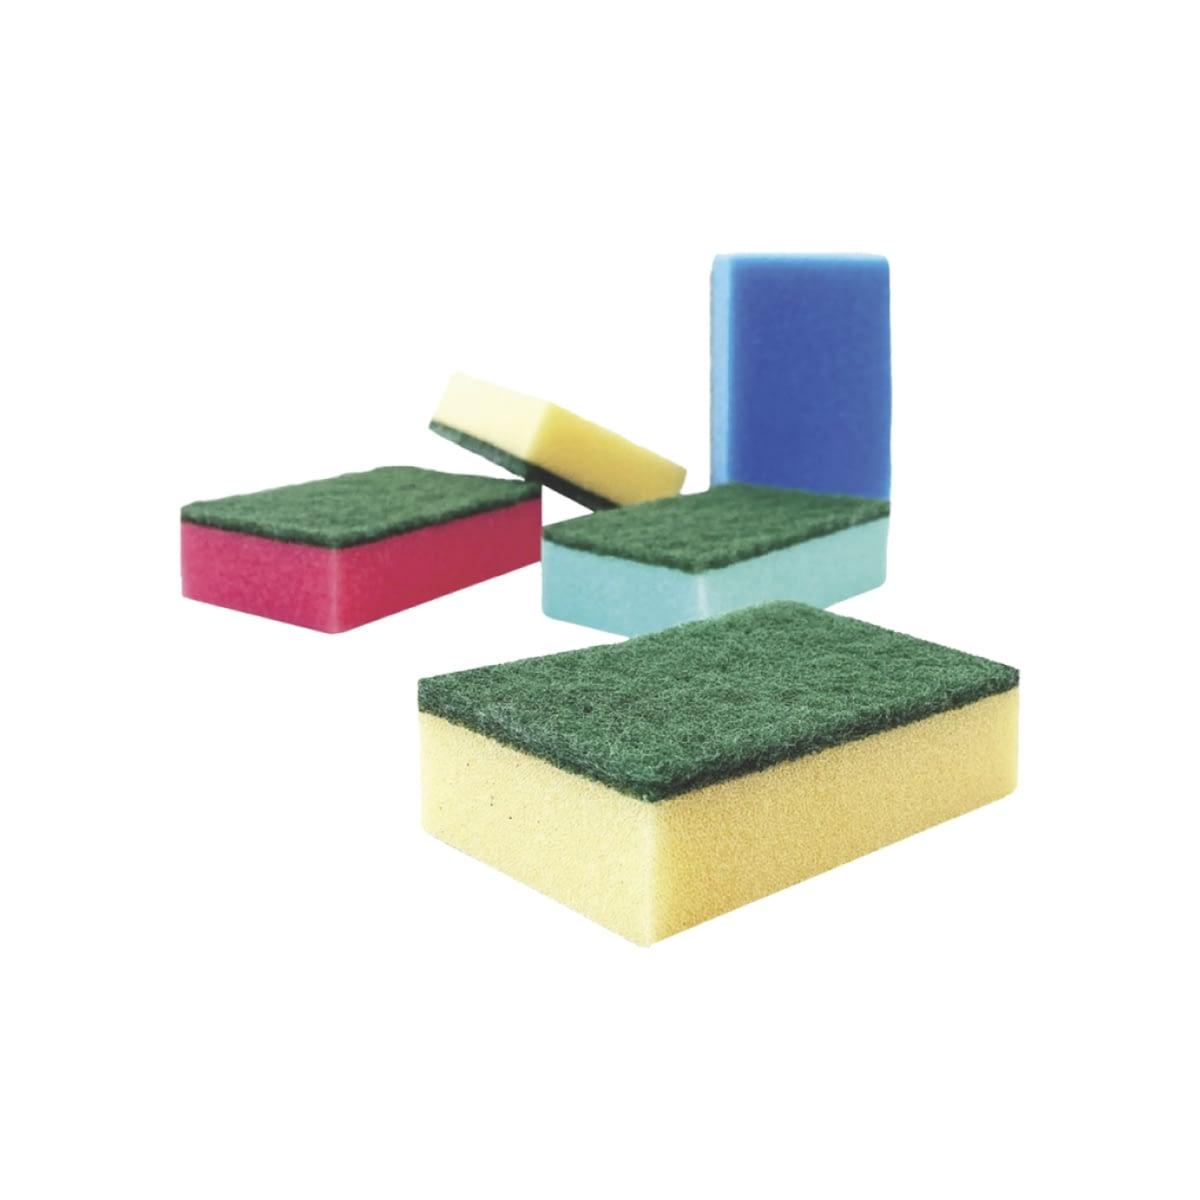 TTC Kuhinjski sunđer u boji, mali. Pakovanje: 10 komada